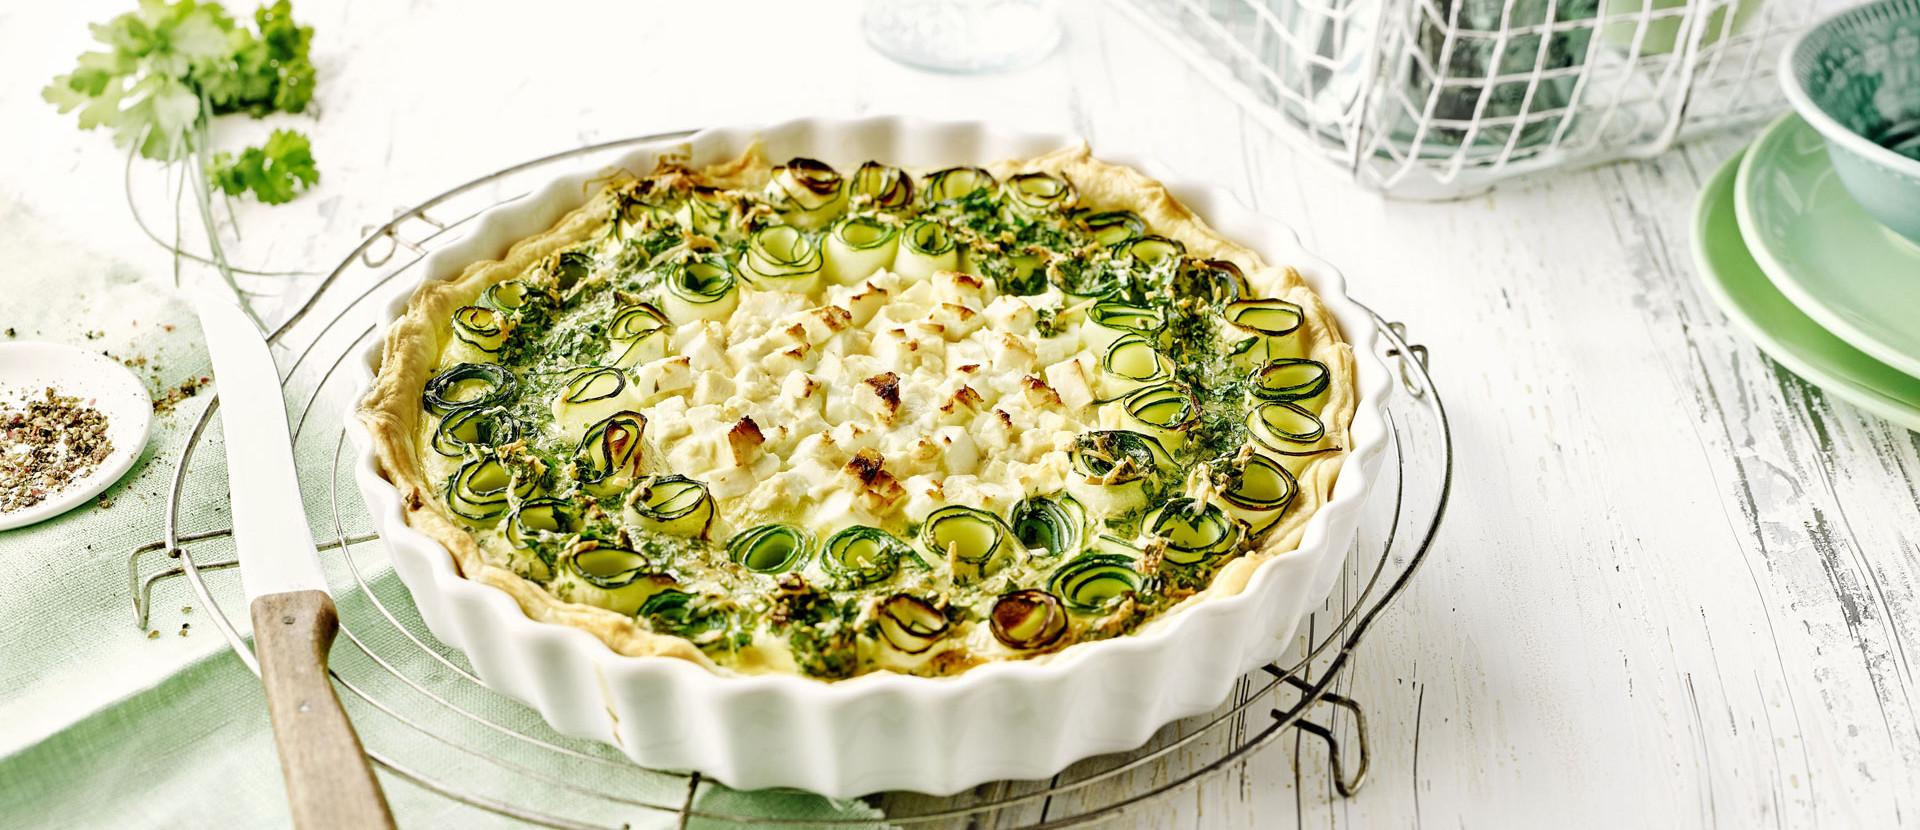 Zucchini Tarte Blaetterteig Feta Messer Kuechenrost